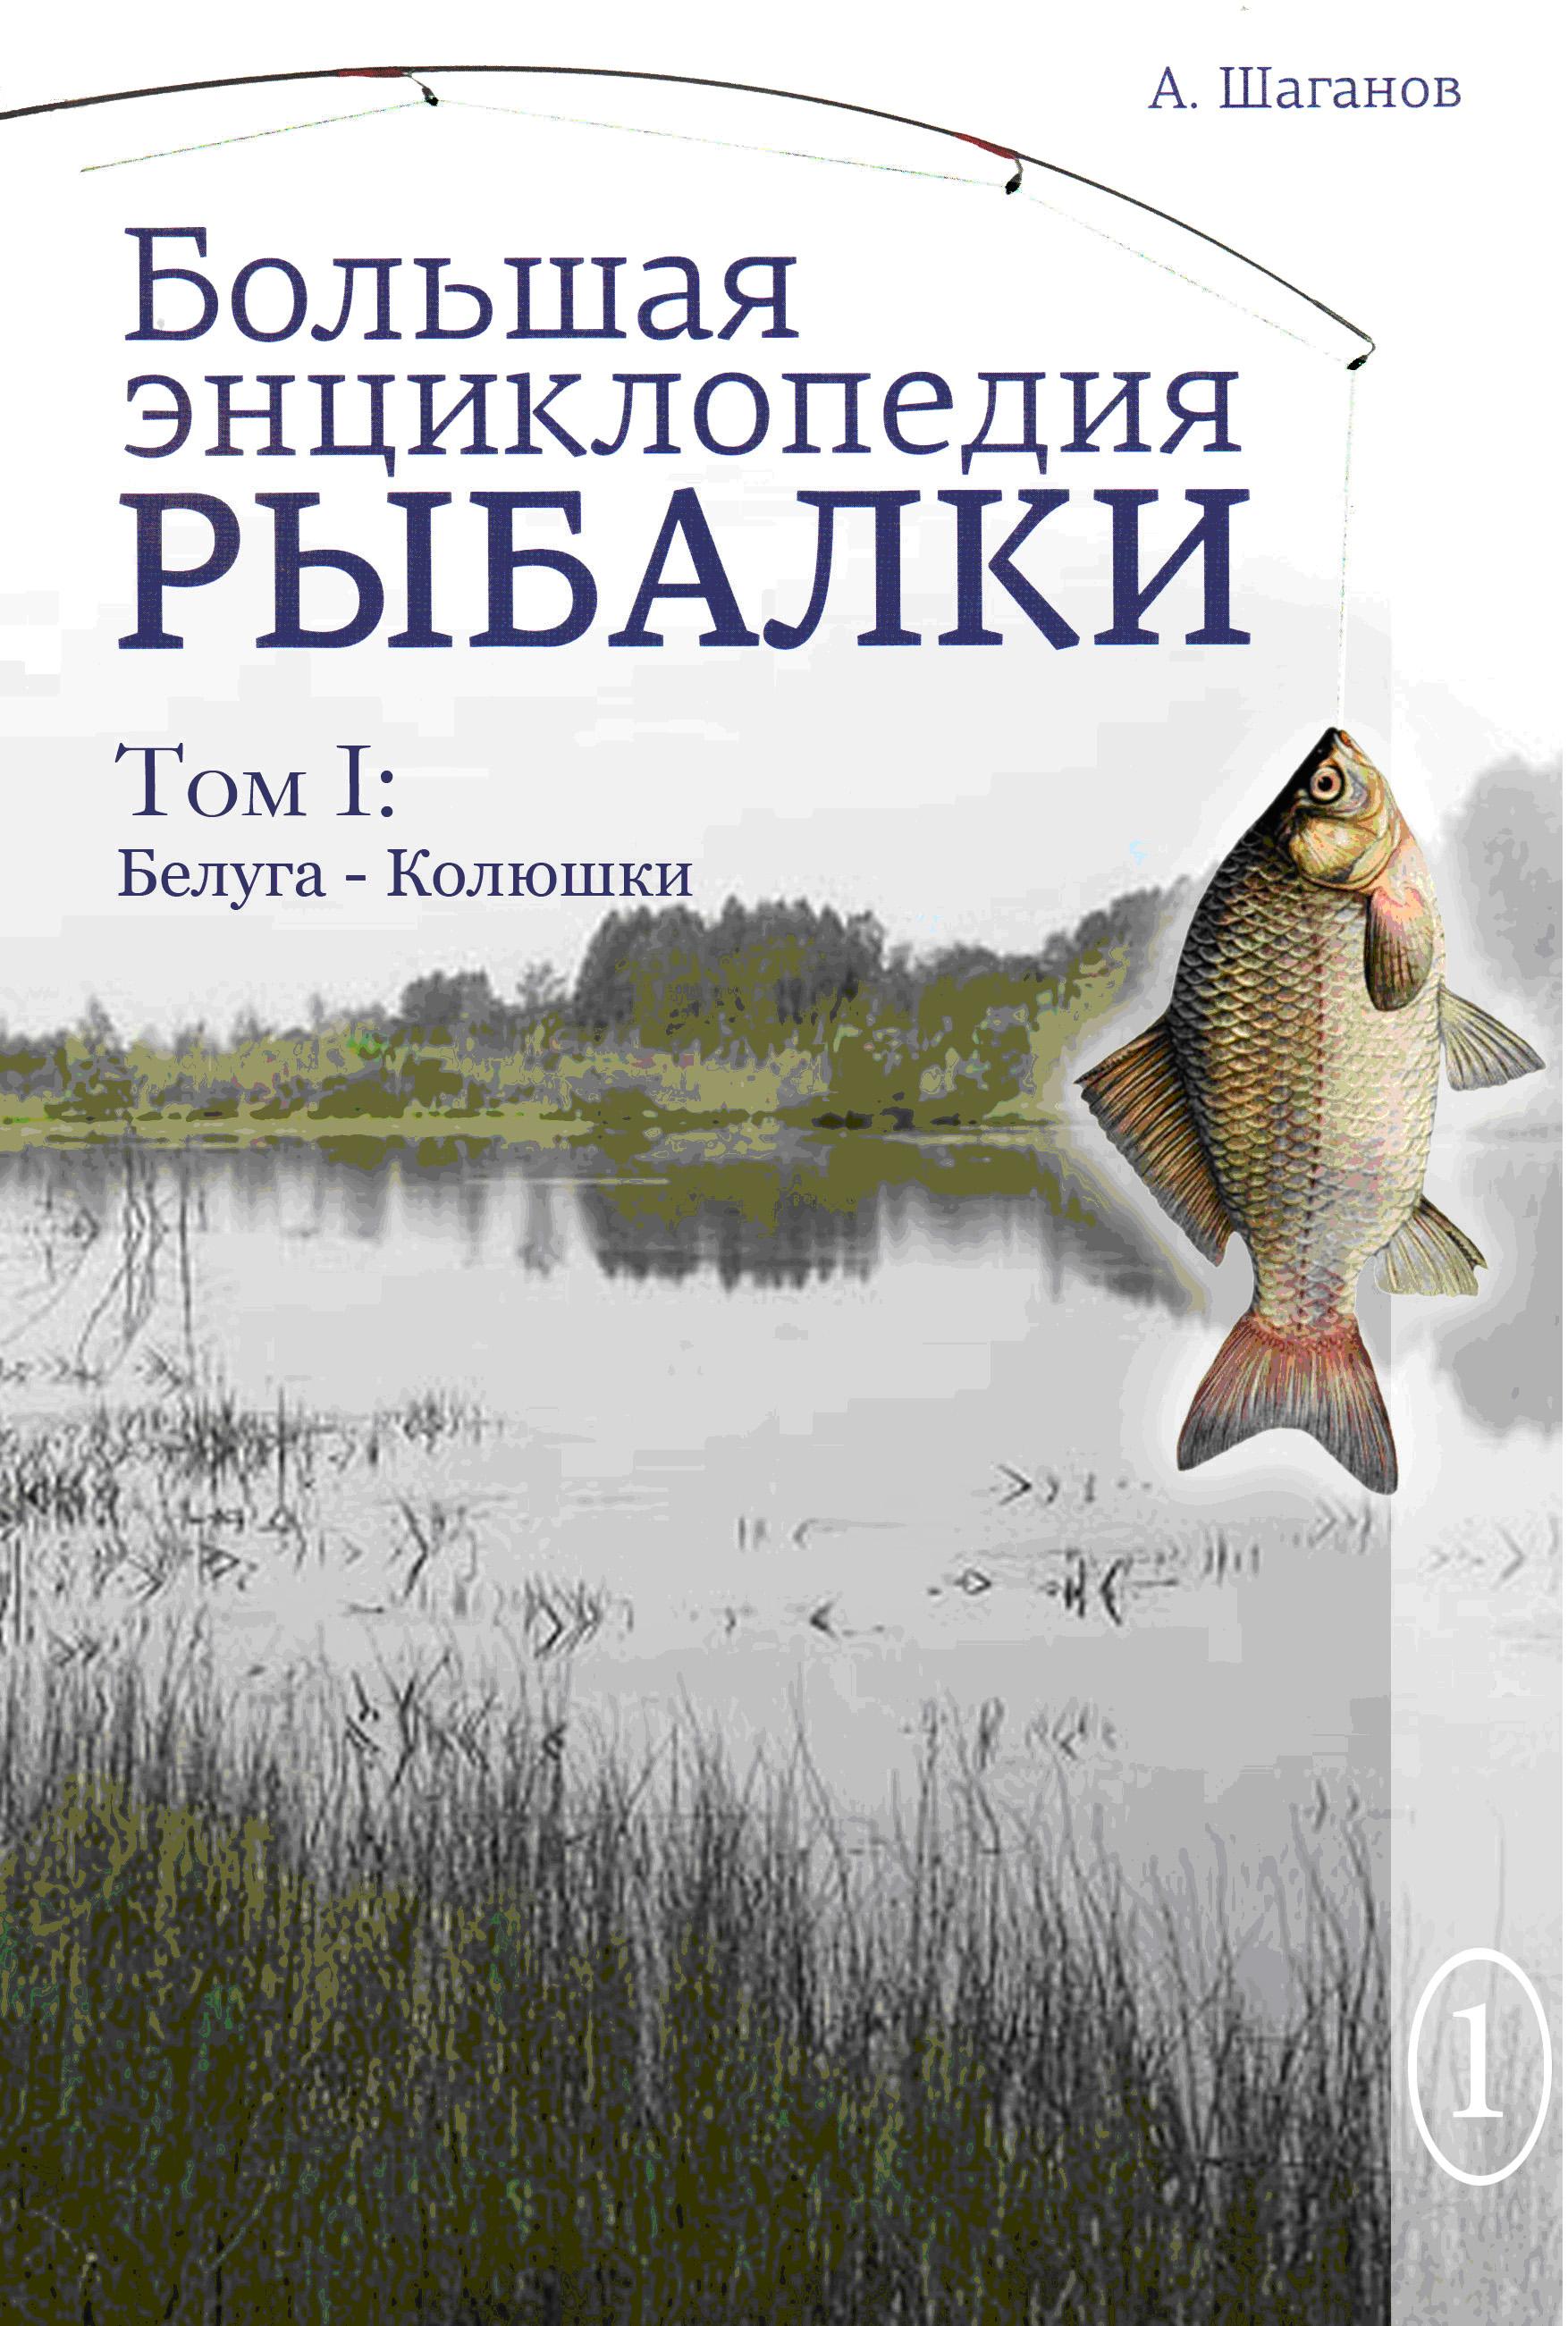 Антон Шаганов Большая энциклопедия рыбалки. Том 1 антон шаганов большая энциклопедия рыбалки том 1